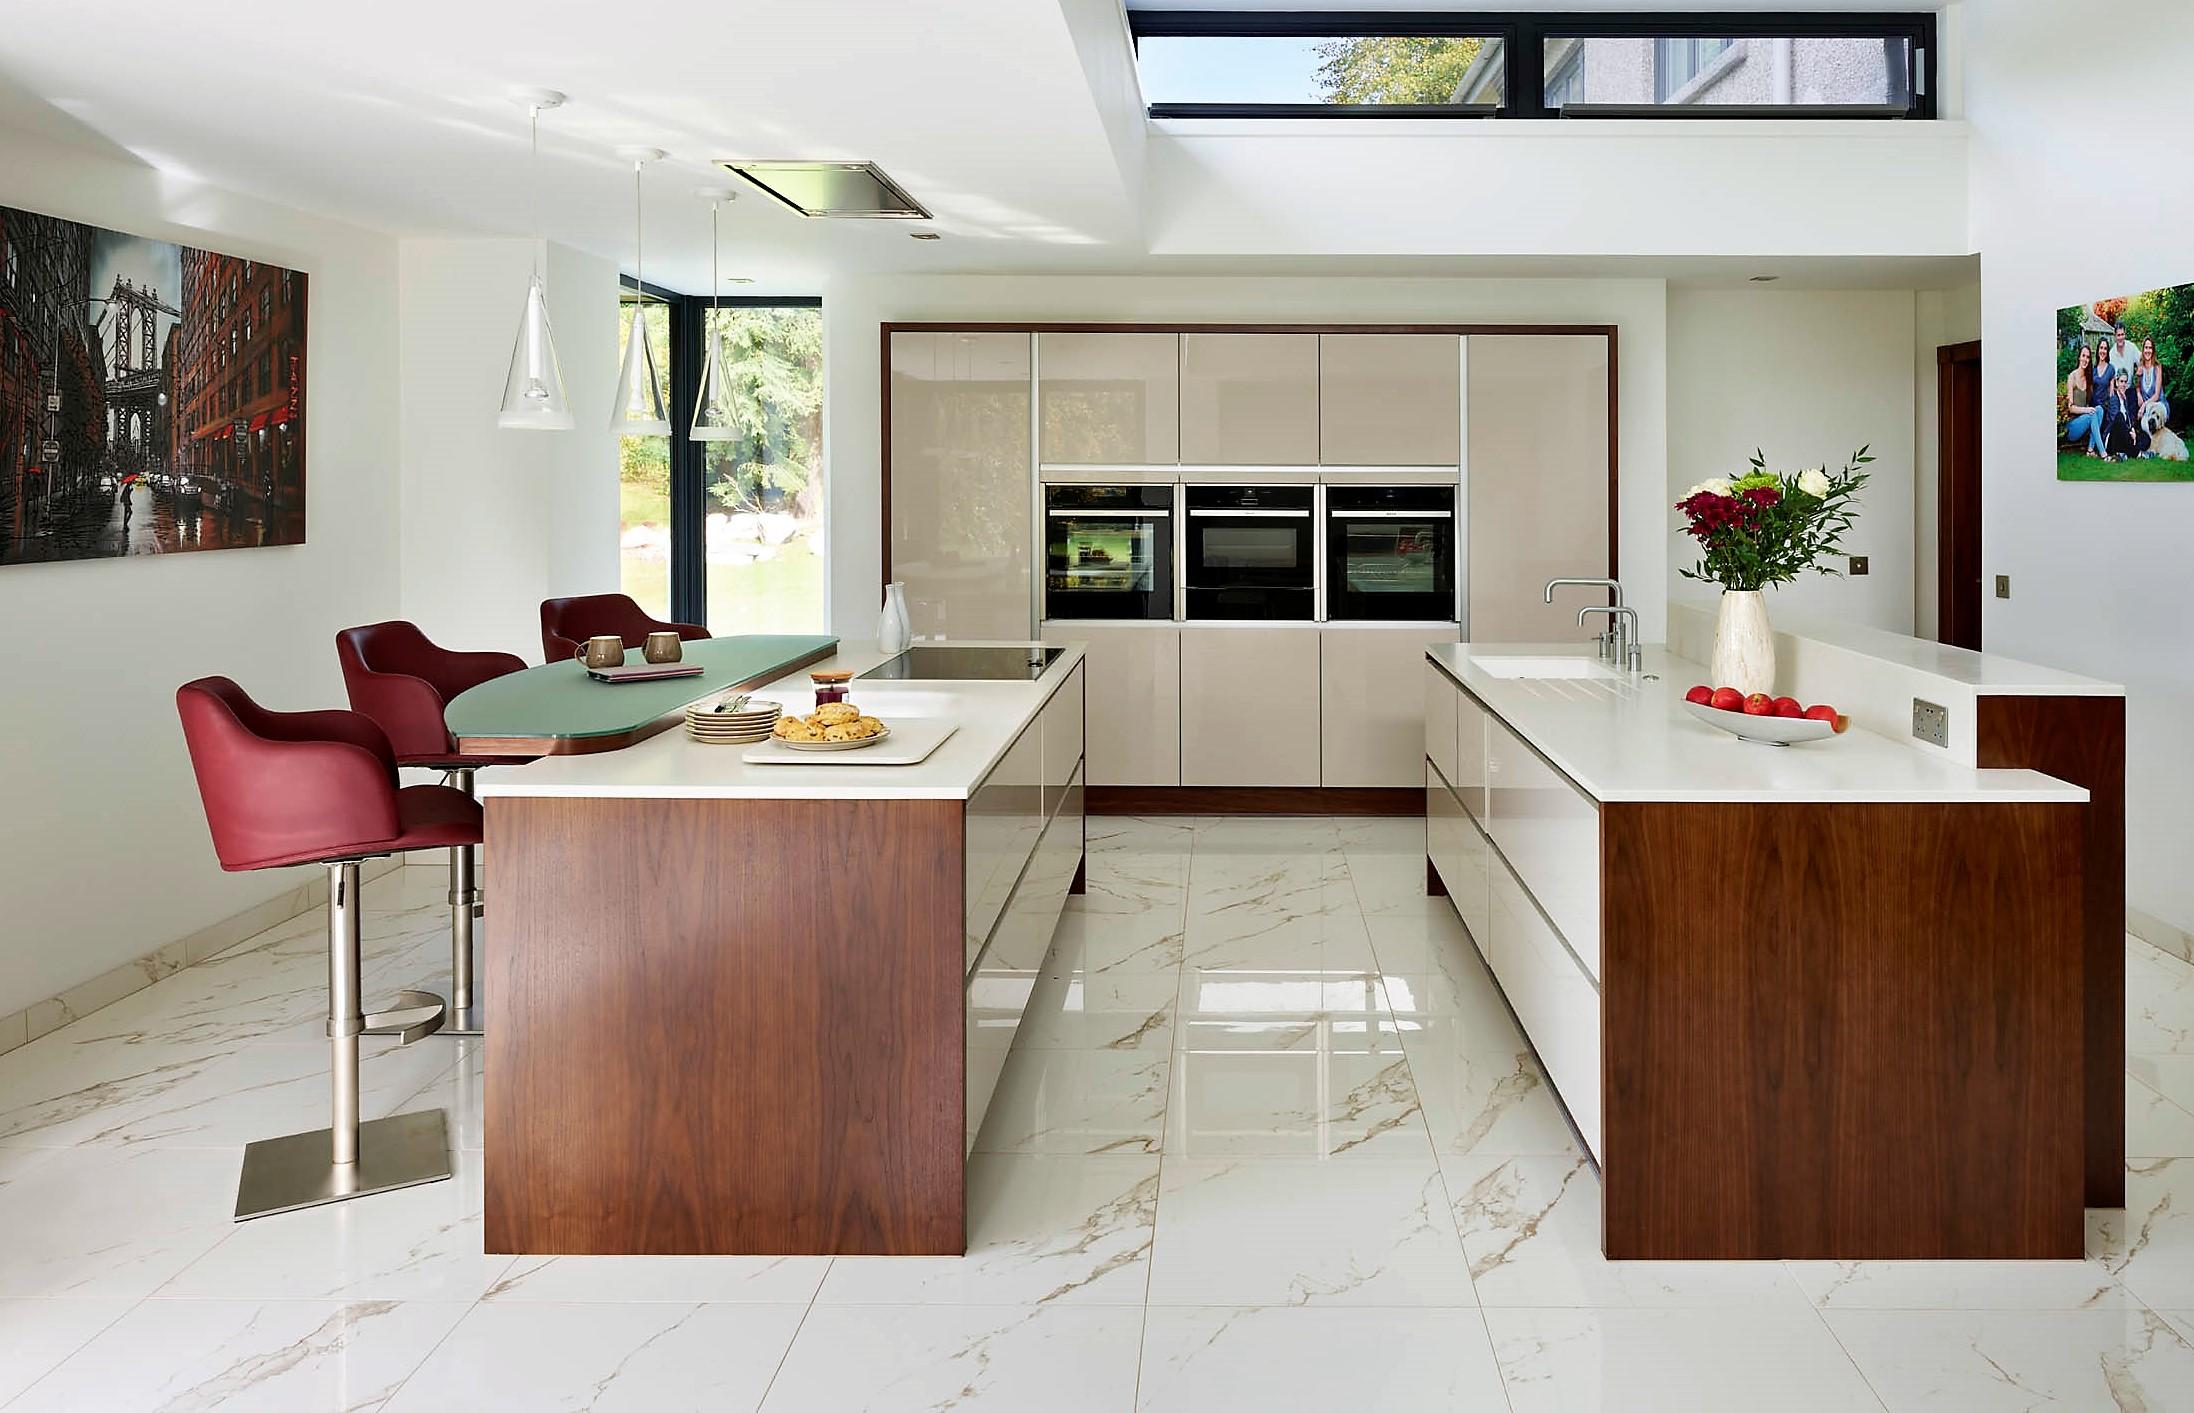 denmore kitchen and bathroom studio aberdeen denmore kitchen